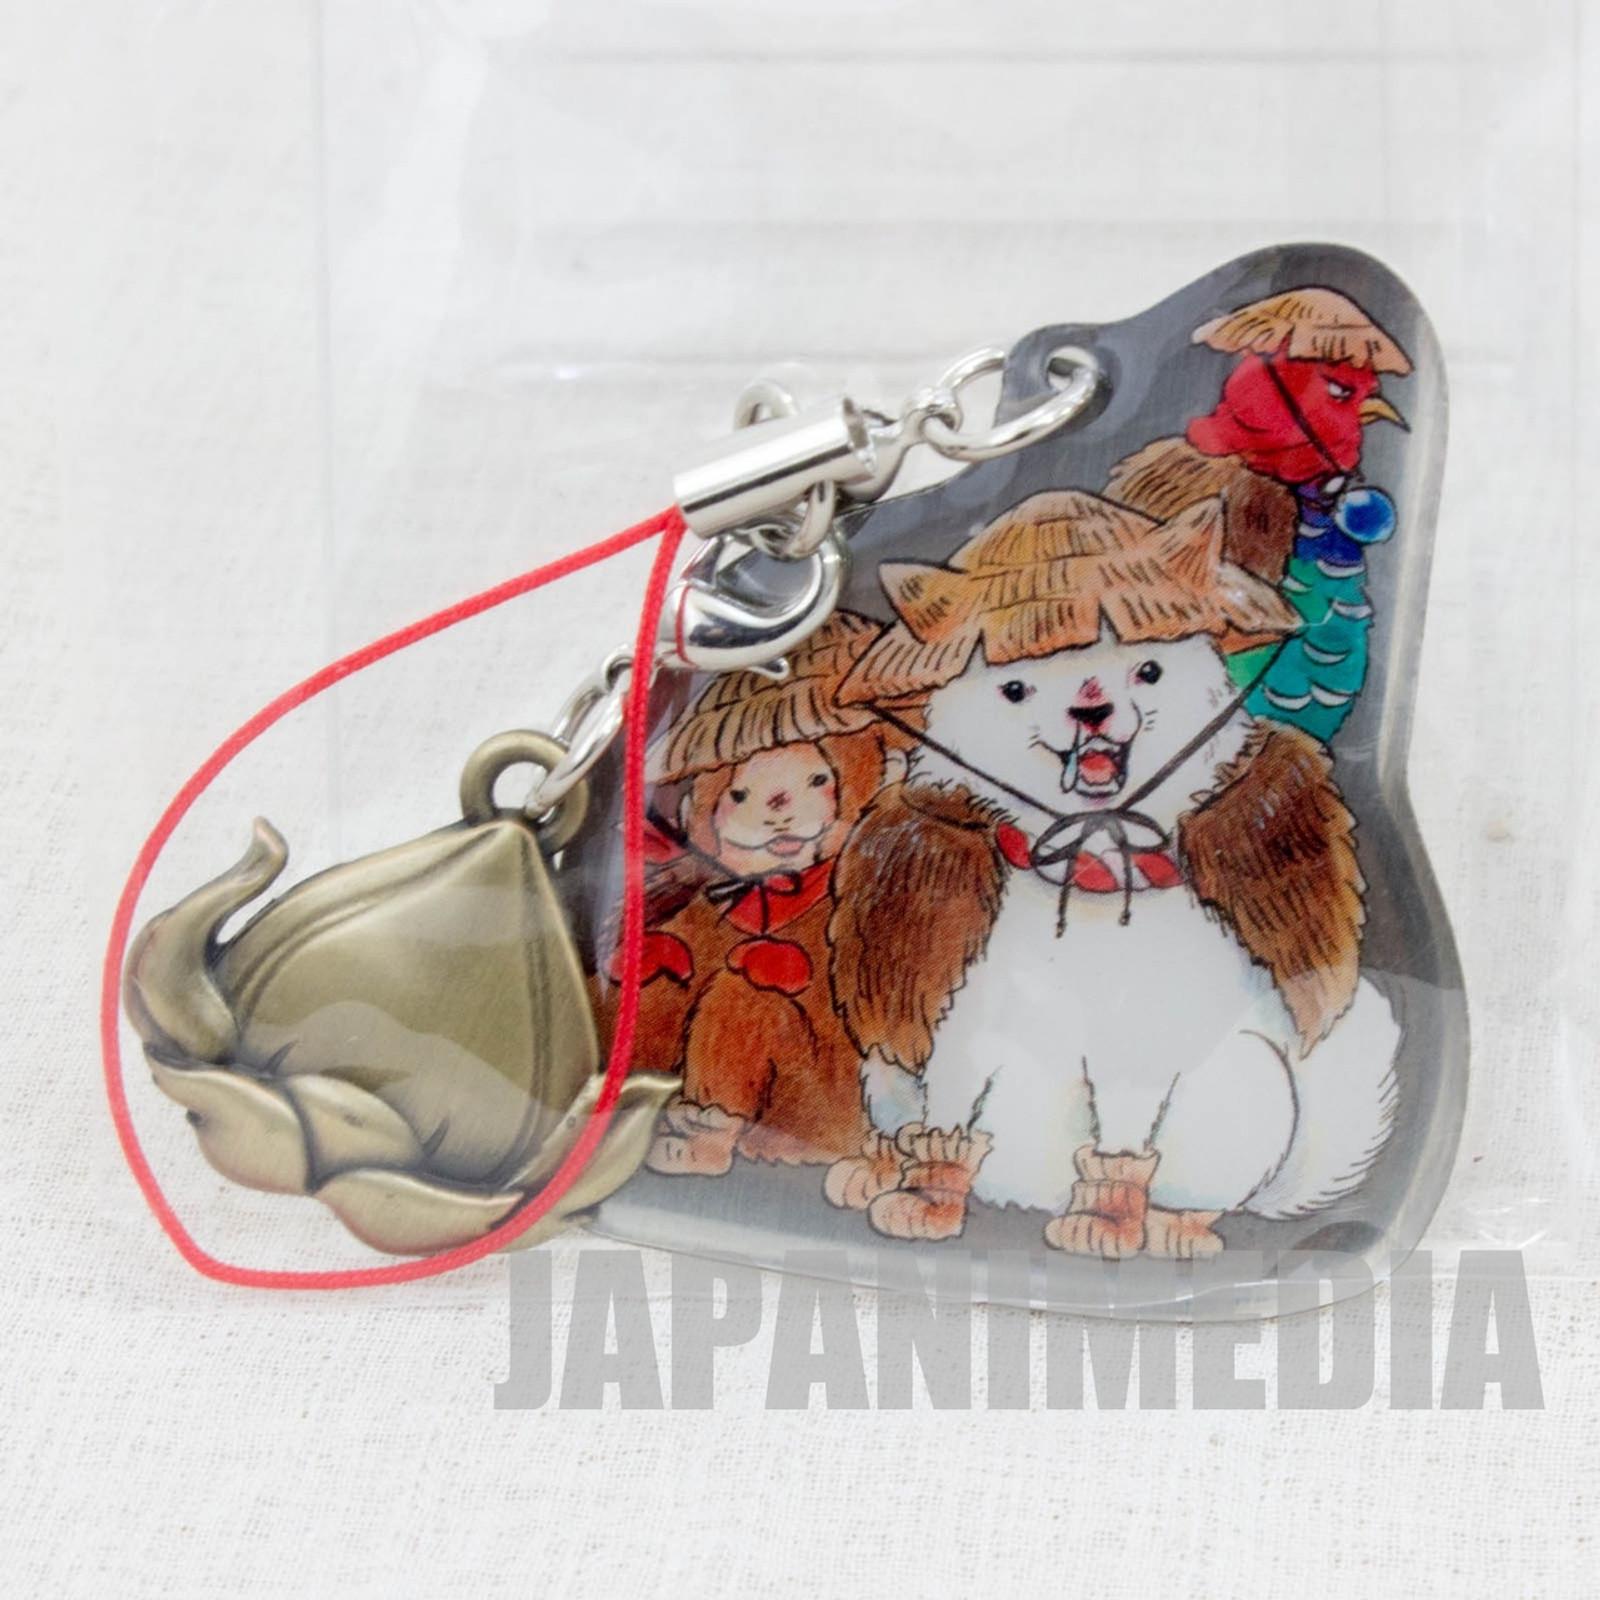 Hoozuki no Reitetsu Shiro Dog Metal Plate Mascot Strap JAPAN ANIME MANGA